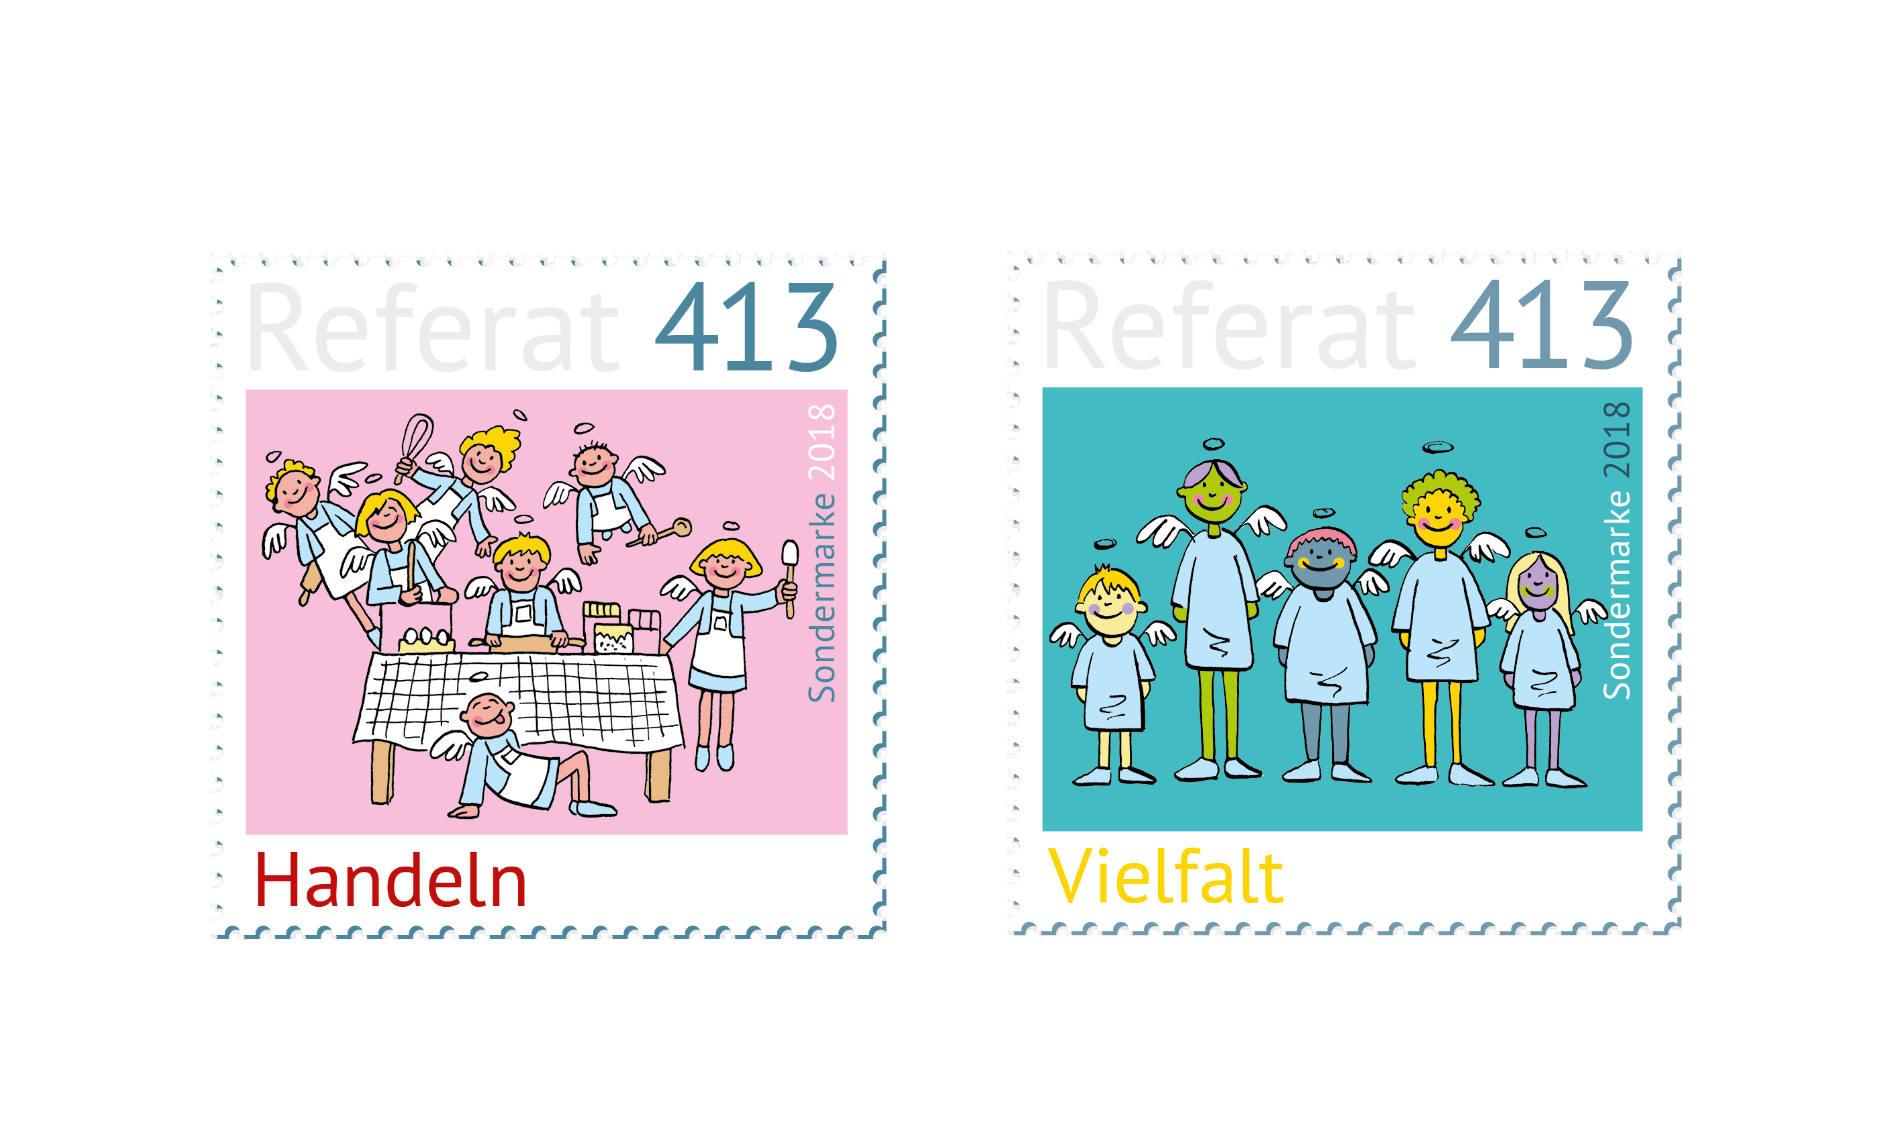 ministerium-bildung-nrw-weihnachtsgruss-illustration-02-neu.jpg